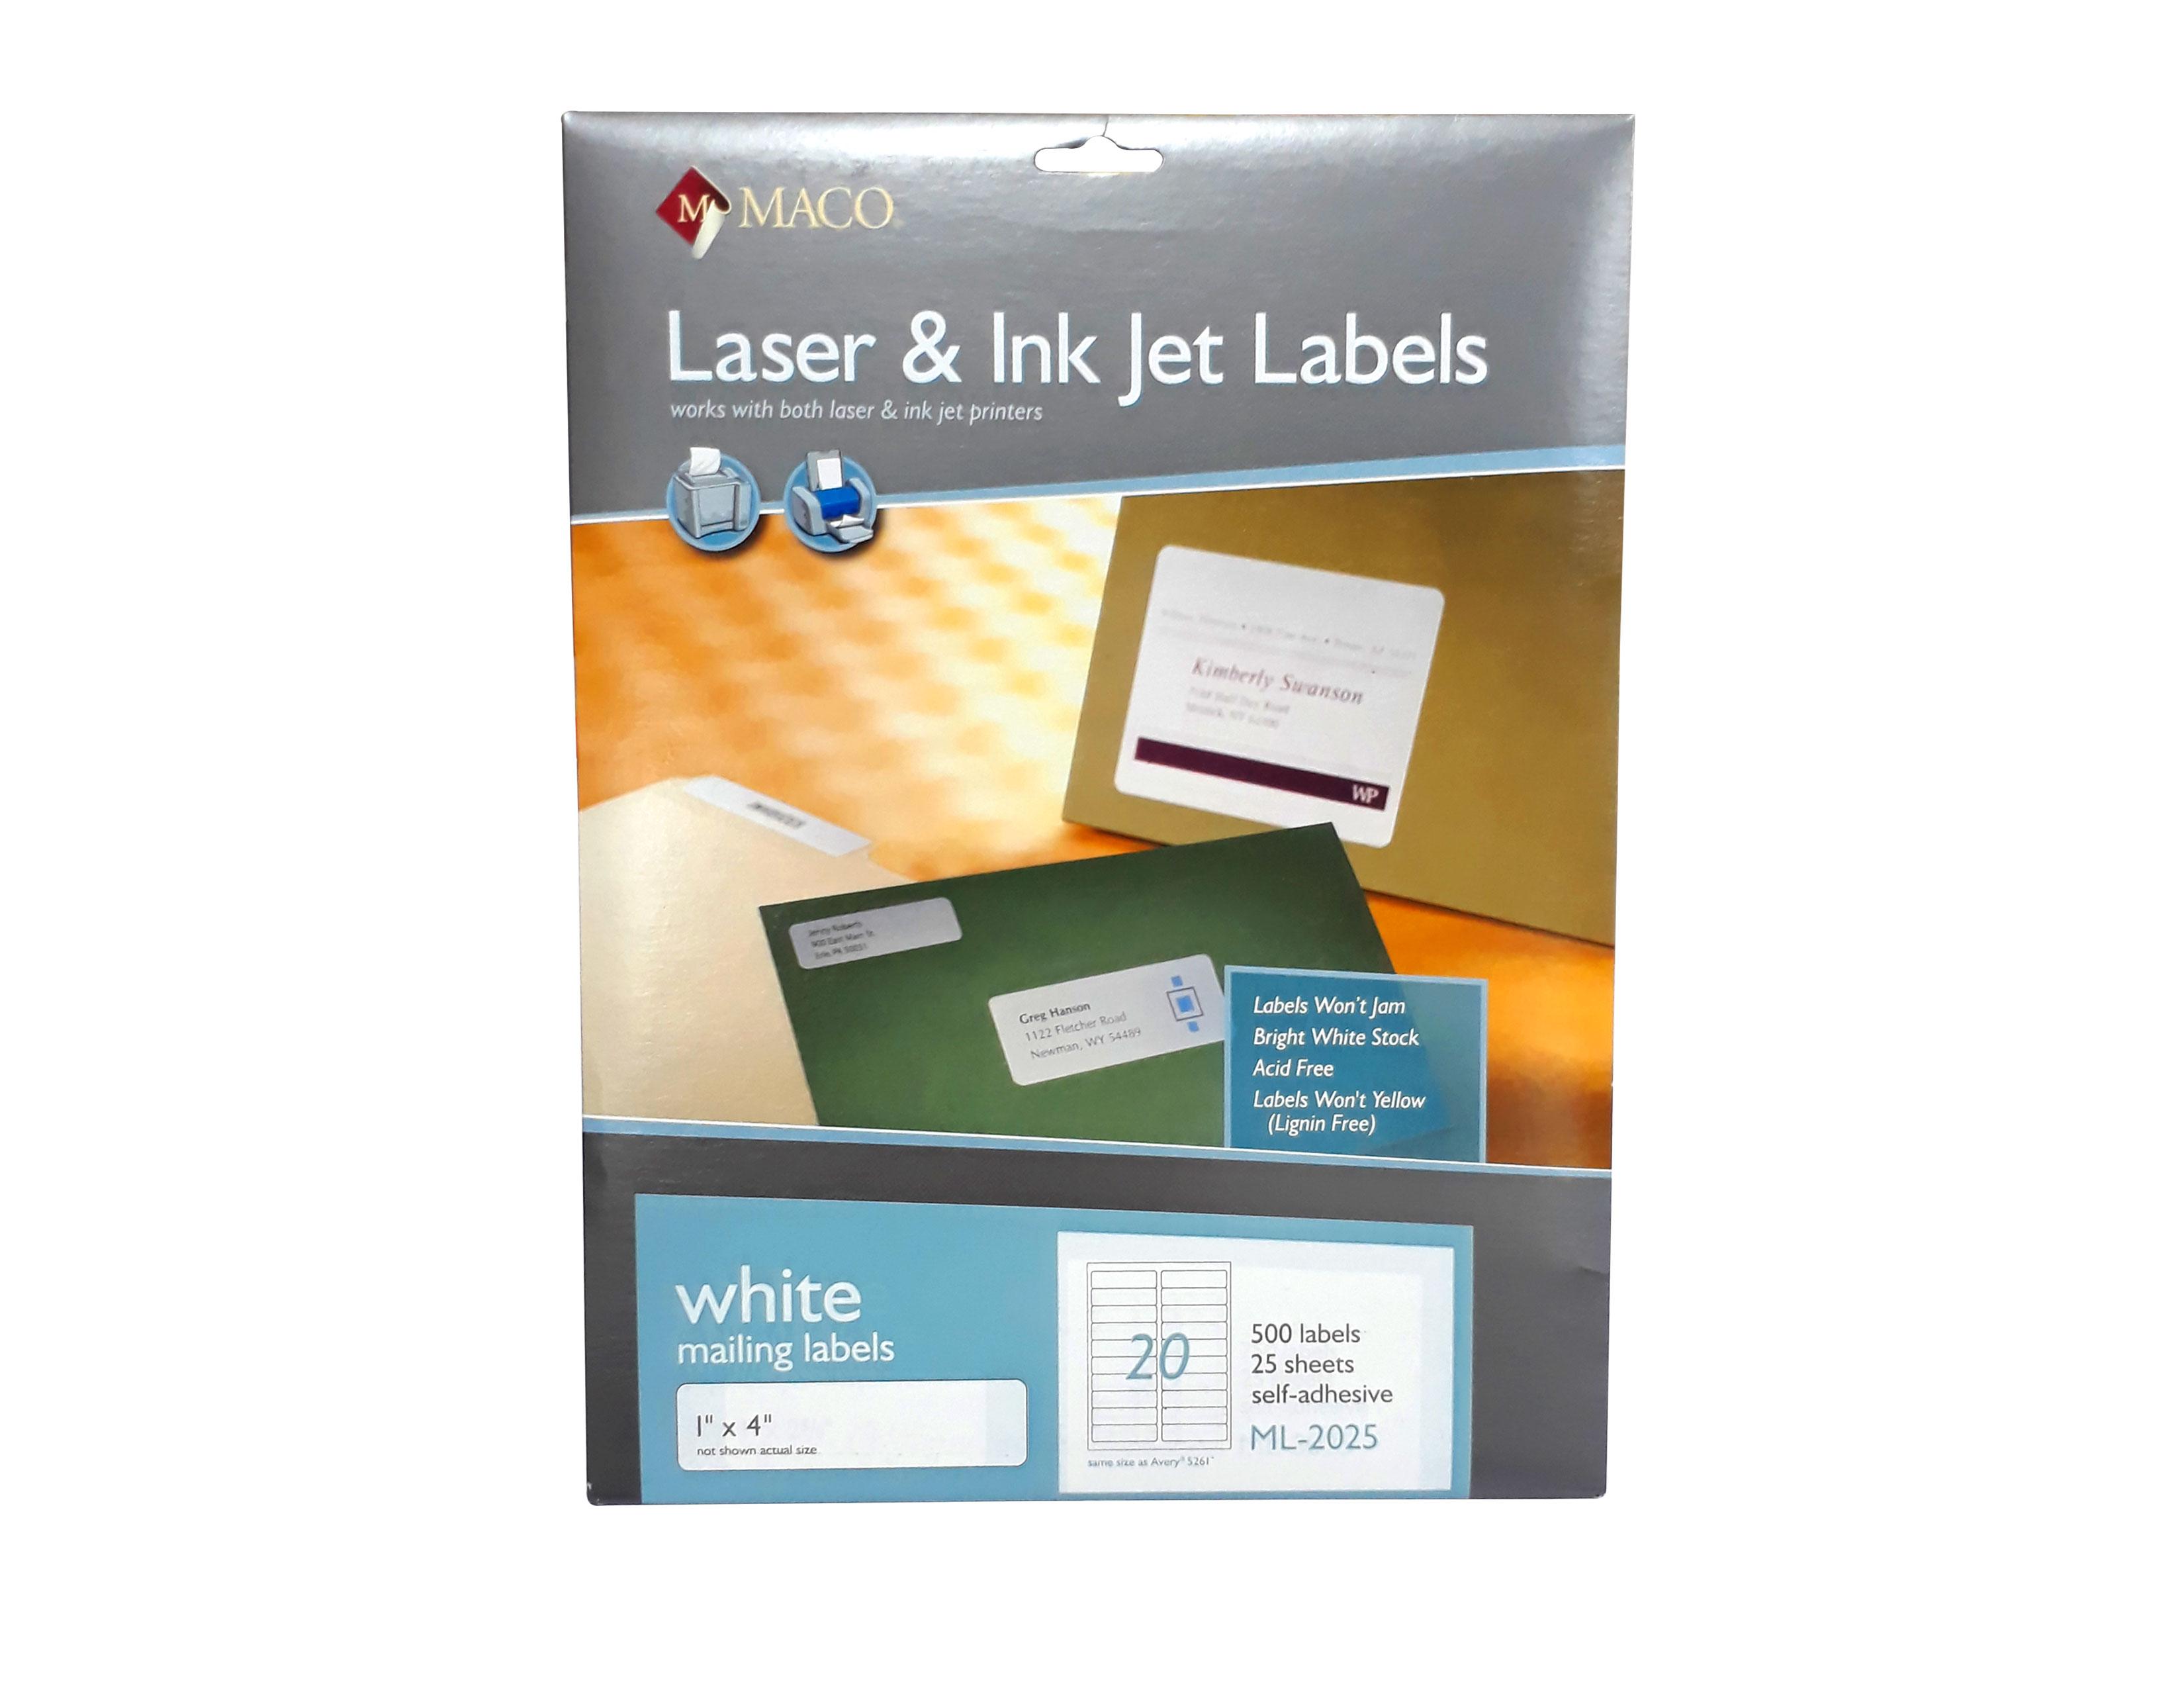 ETIQUETAS 1X4 ML-2025 LASER & INK-JET